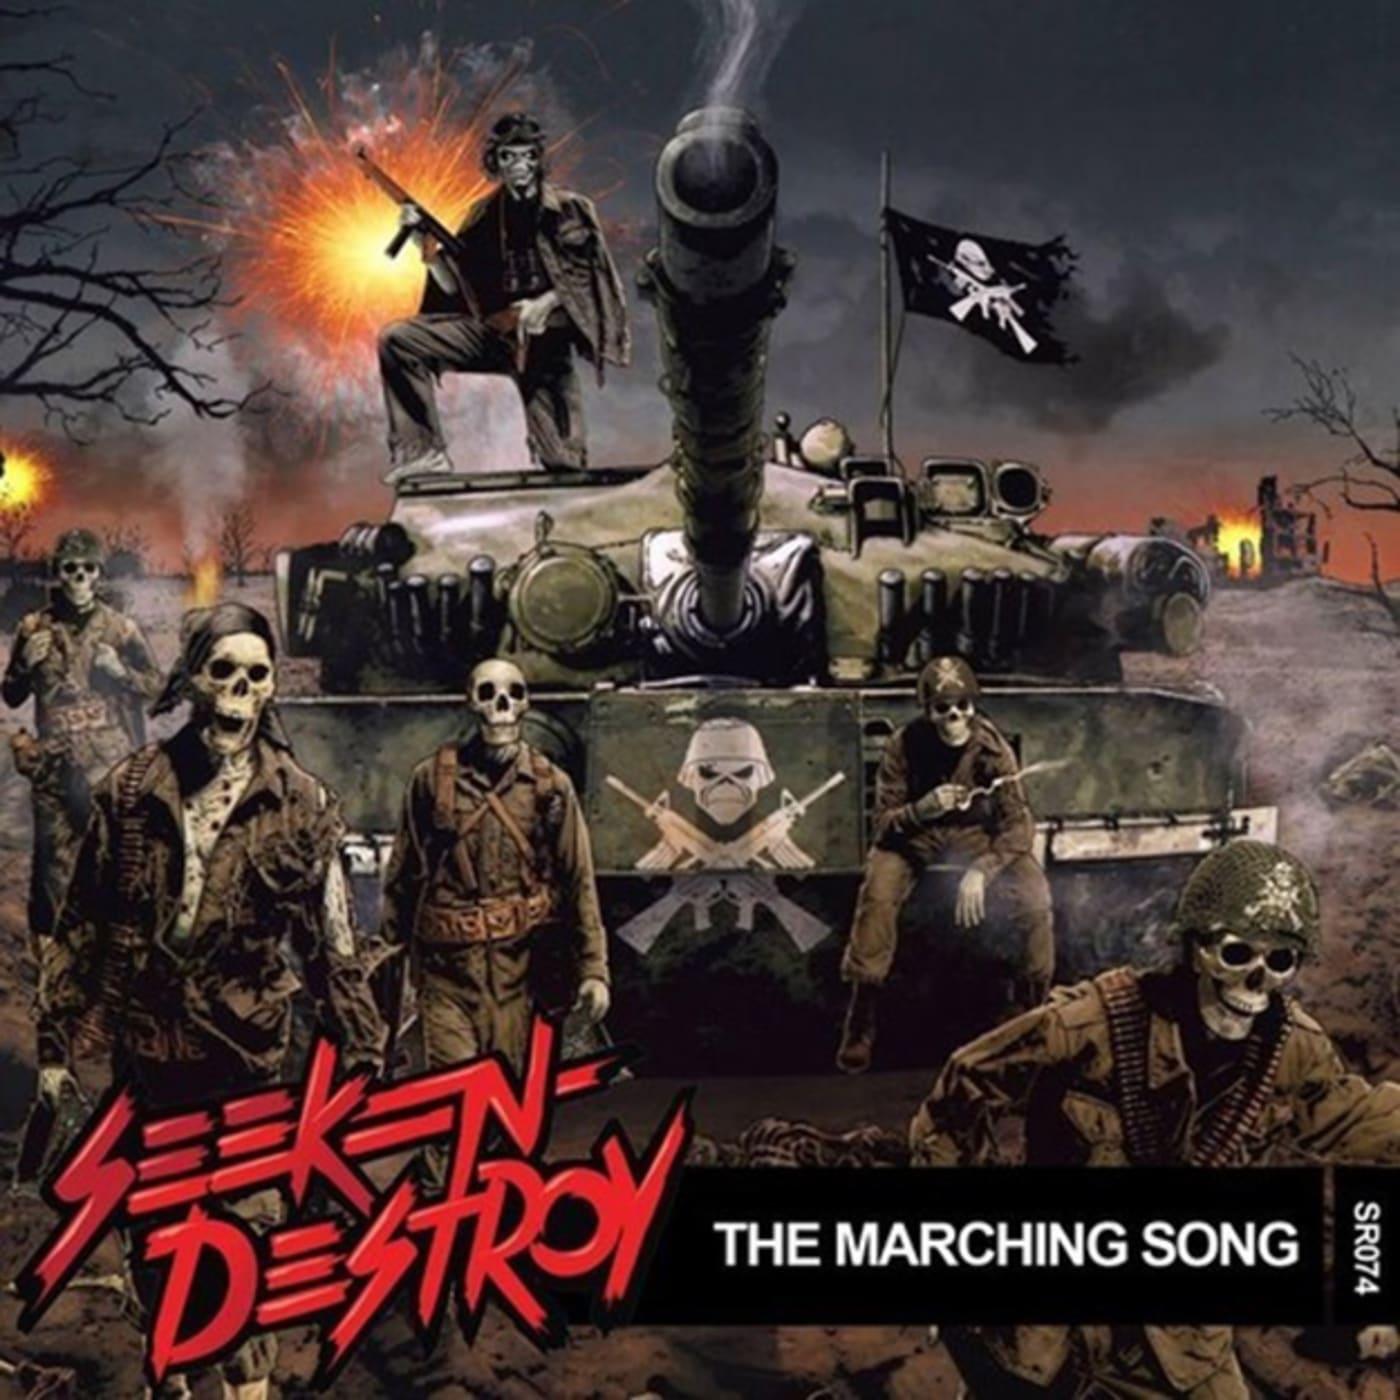 seek n destroy marching song